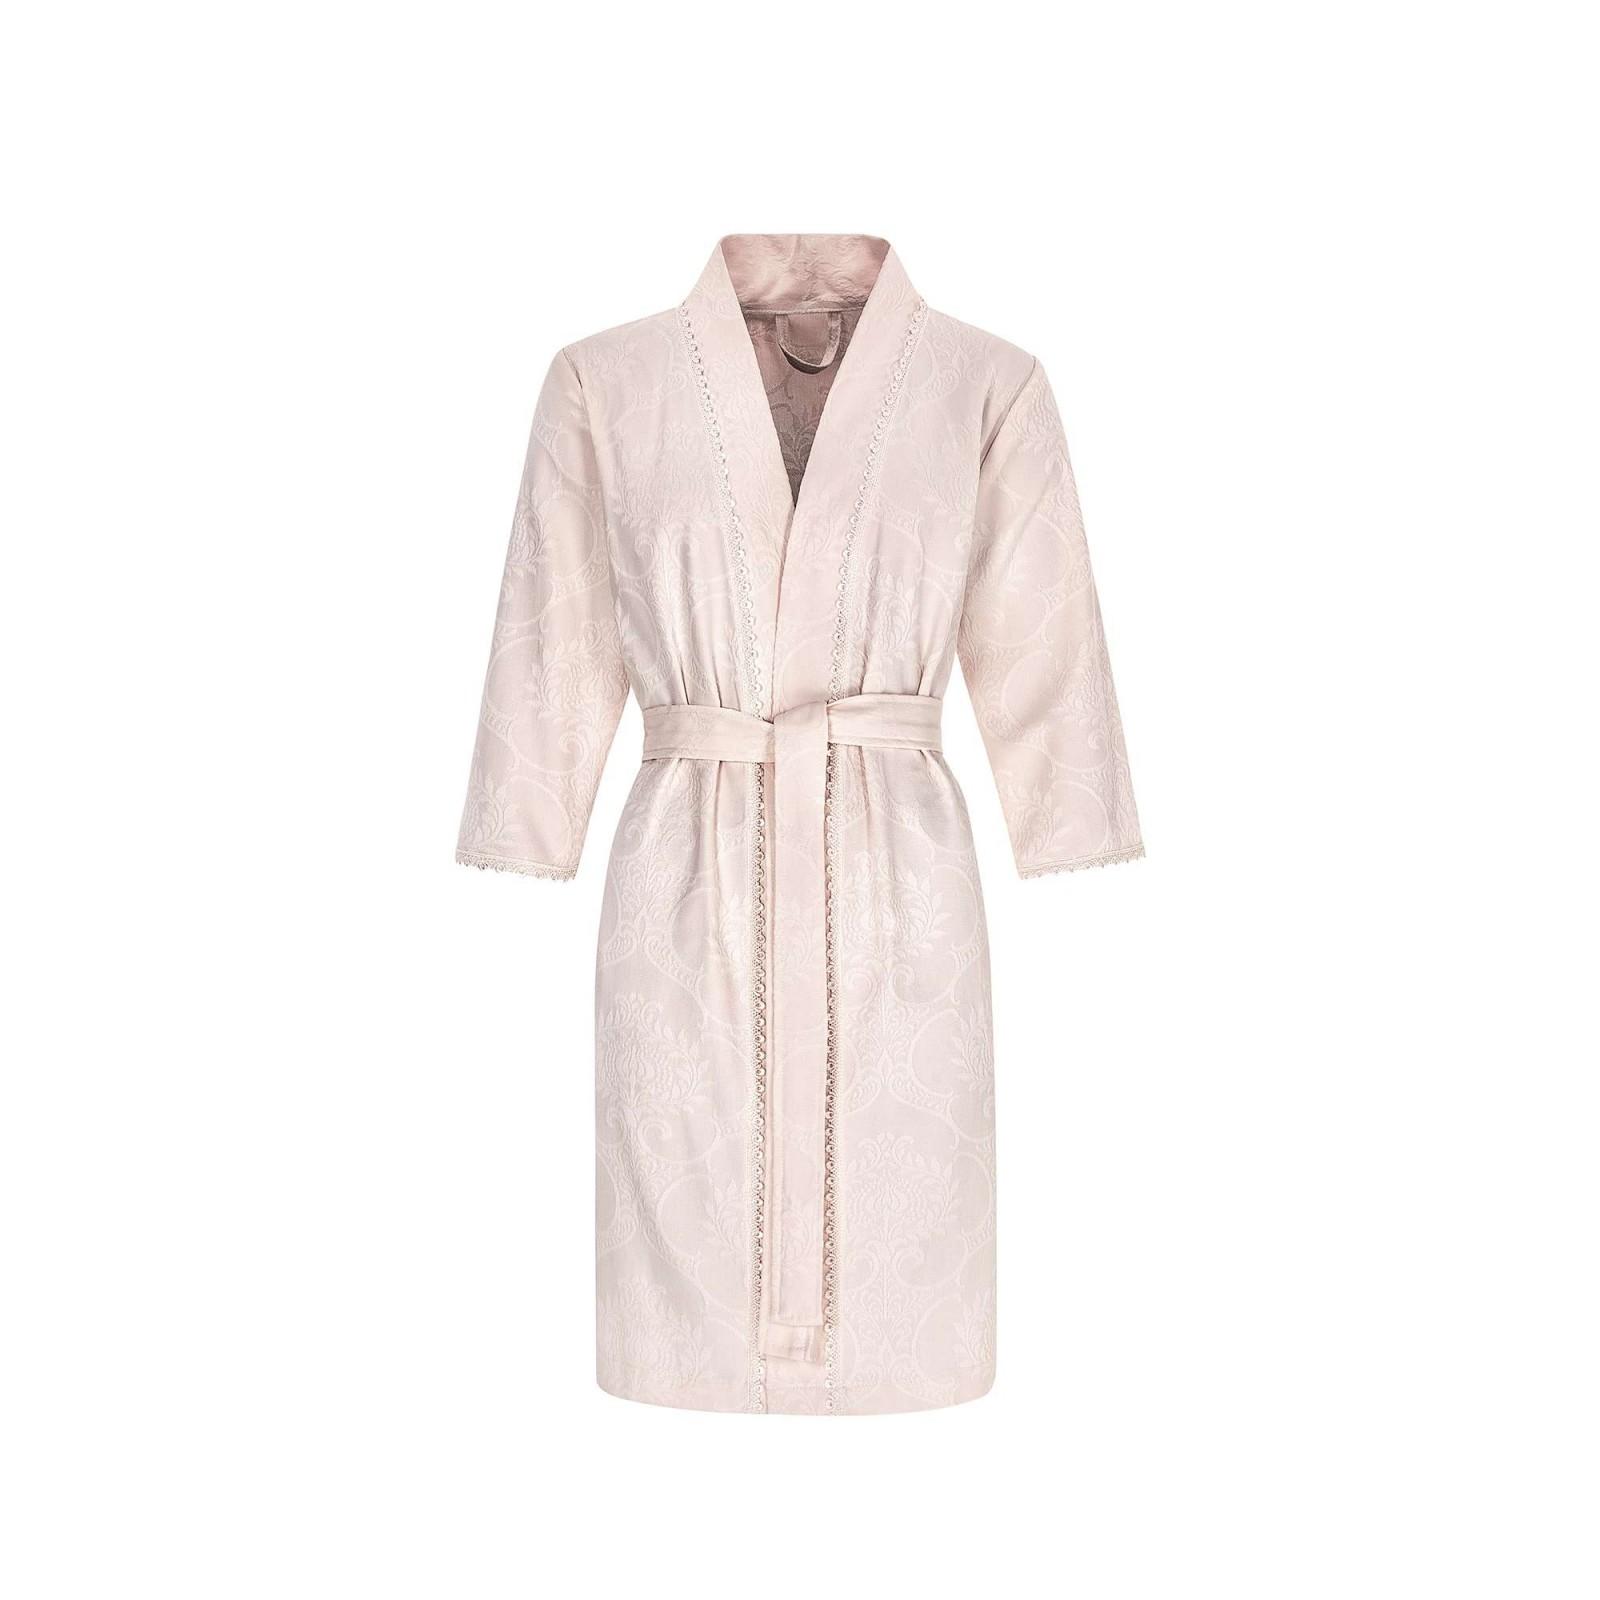 Фото - Халат женский Togas Дорис светло-розовый XXL коврик для ванной togas дорис розовое 60x90